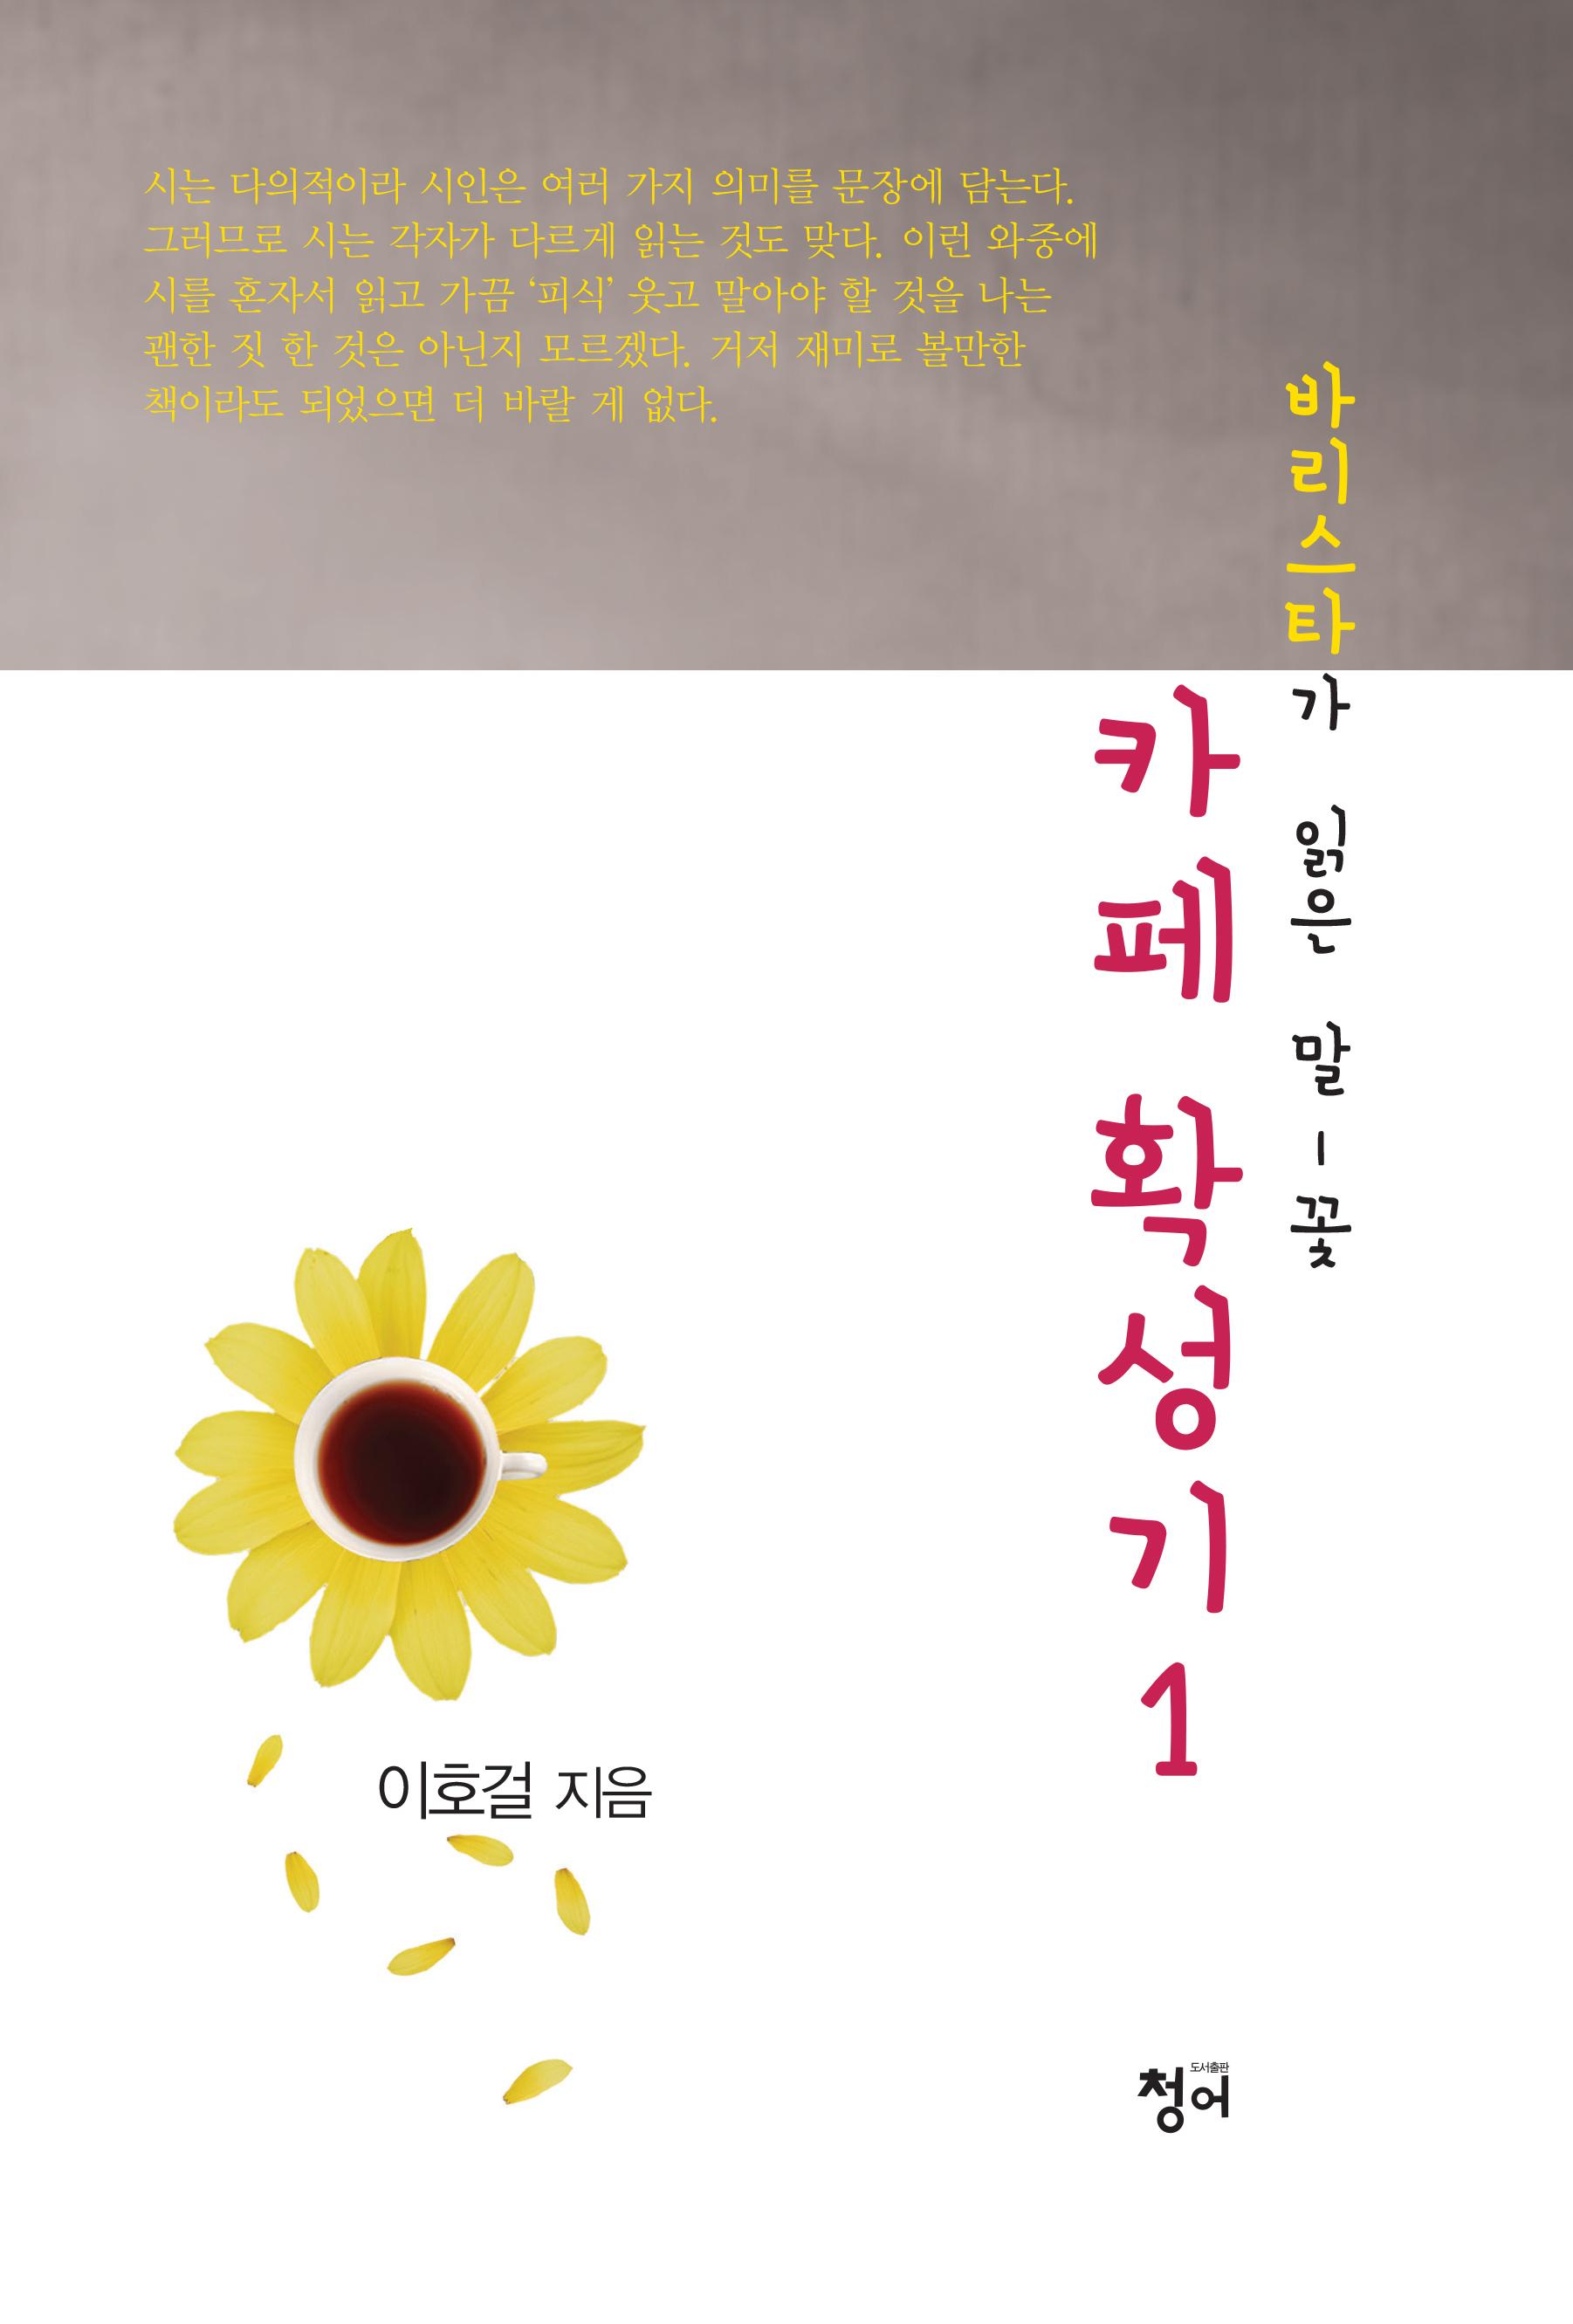 [카페 확성기] 카페 확성기 1 : 바리스타가 읽은 말 - 꽃